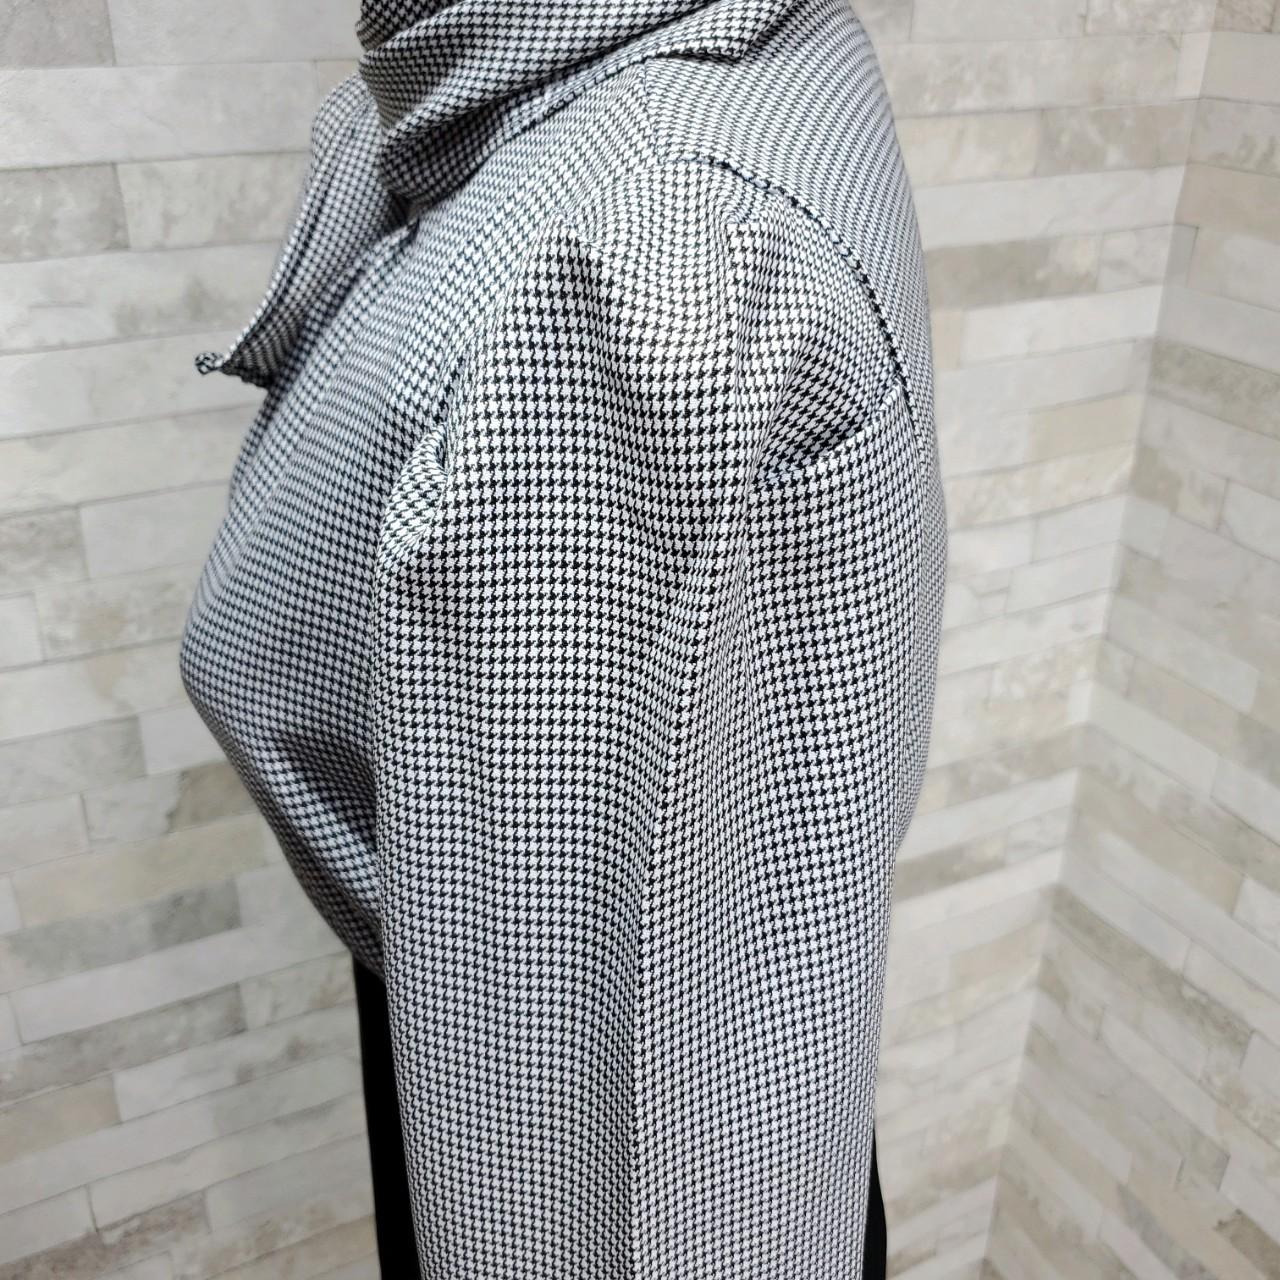 韓国 ファッション パーティードレス 結婚式 お呼ばれドレス セットアップ 春 秋 冬 パーティー ブライダル PTXH518  千鳥格子 ドレープ パフスリーブ タイト 二次会 セレブ きれいめの写真15枚目